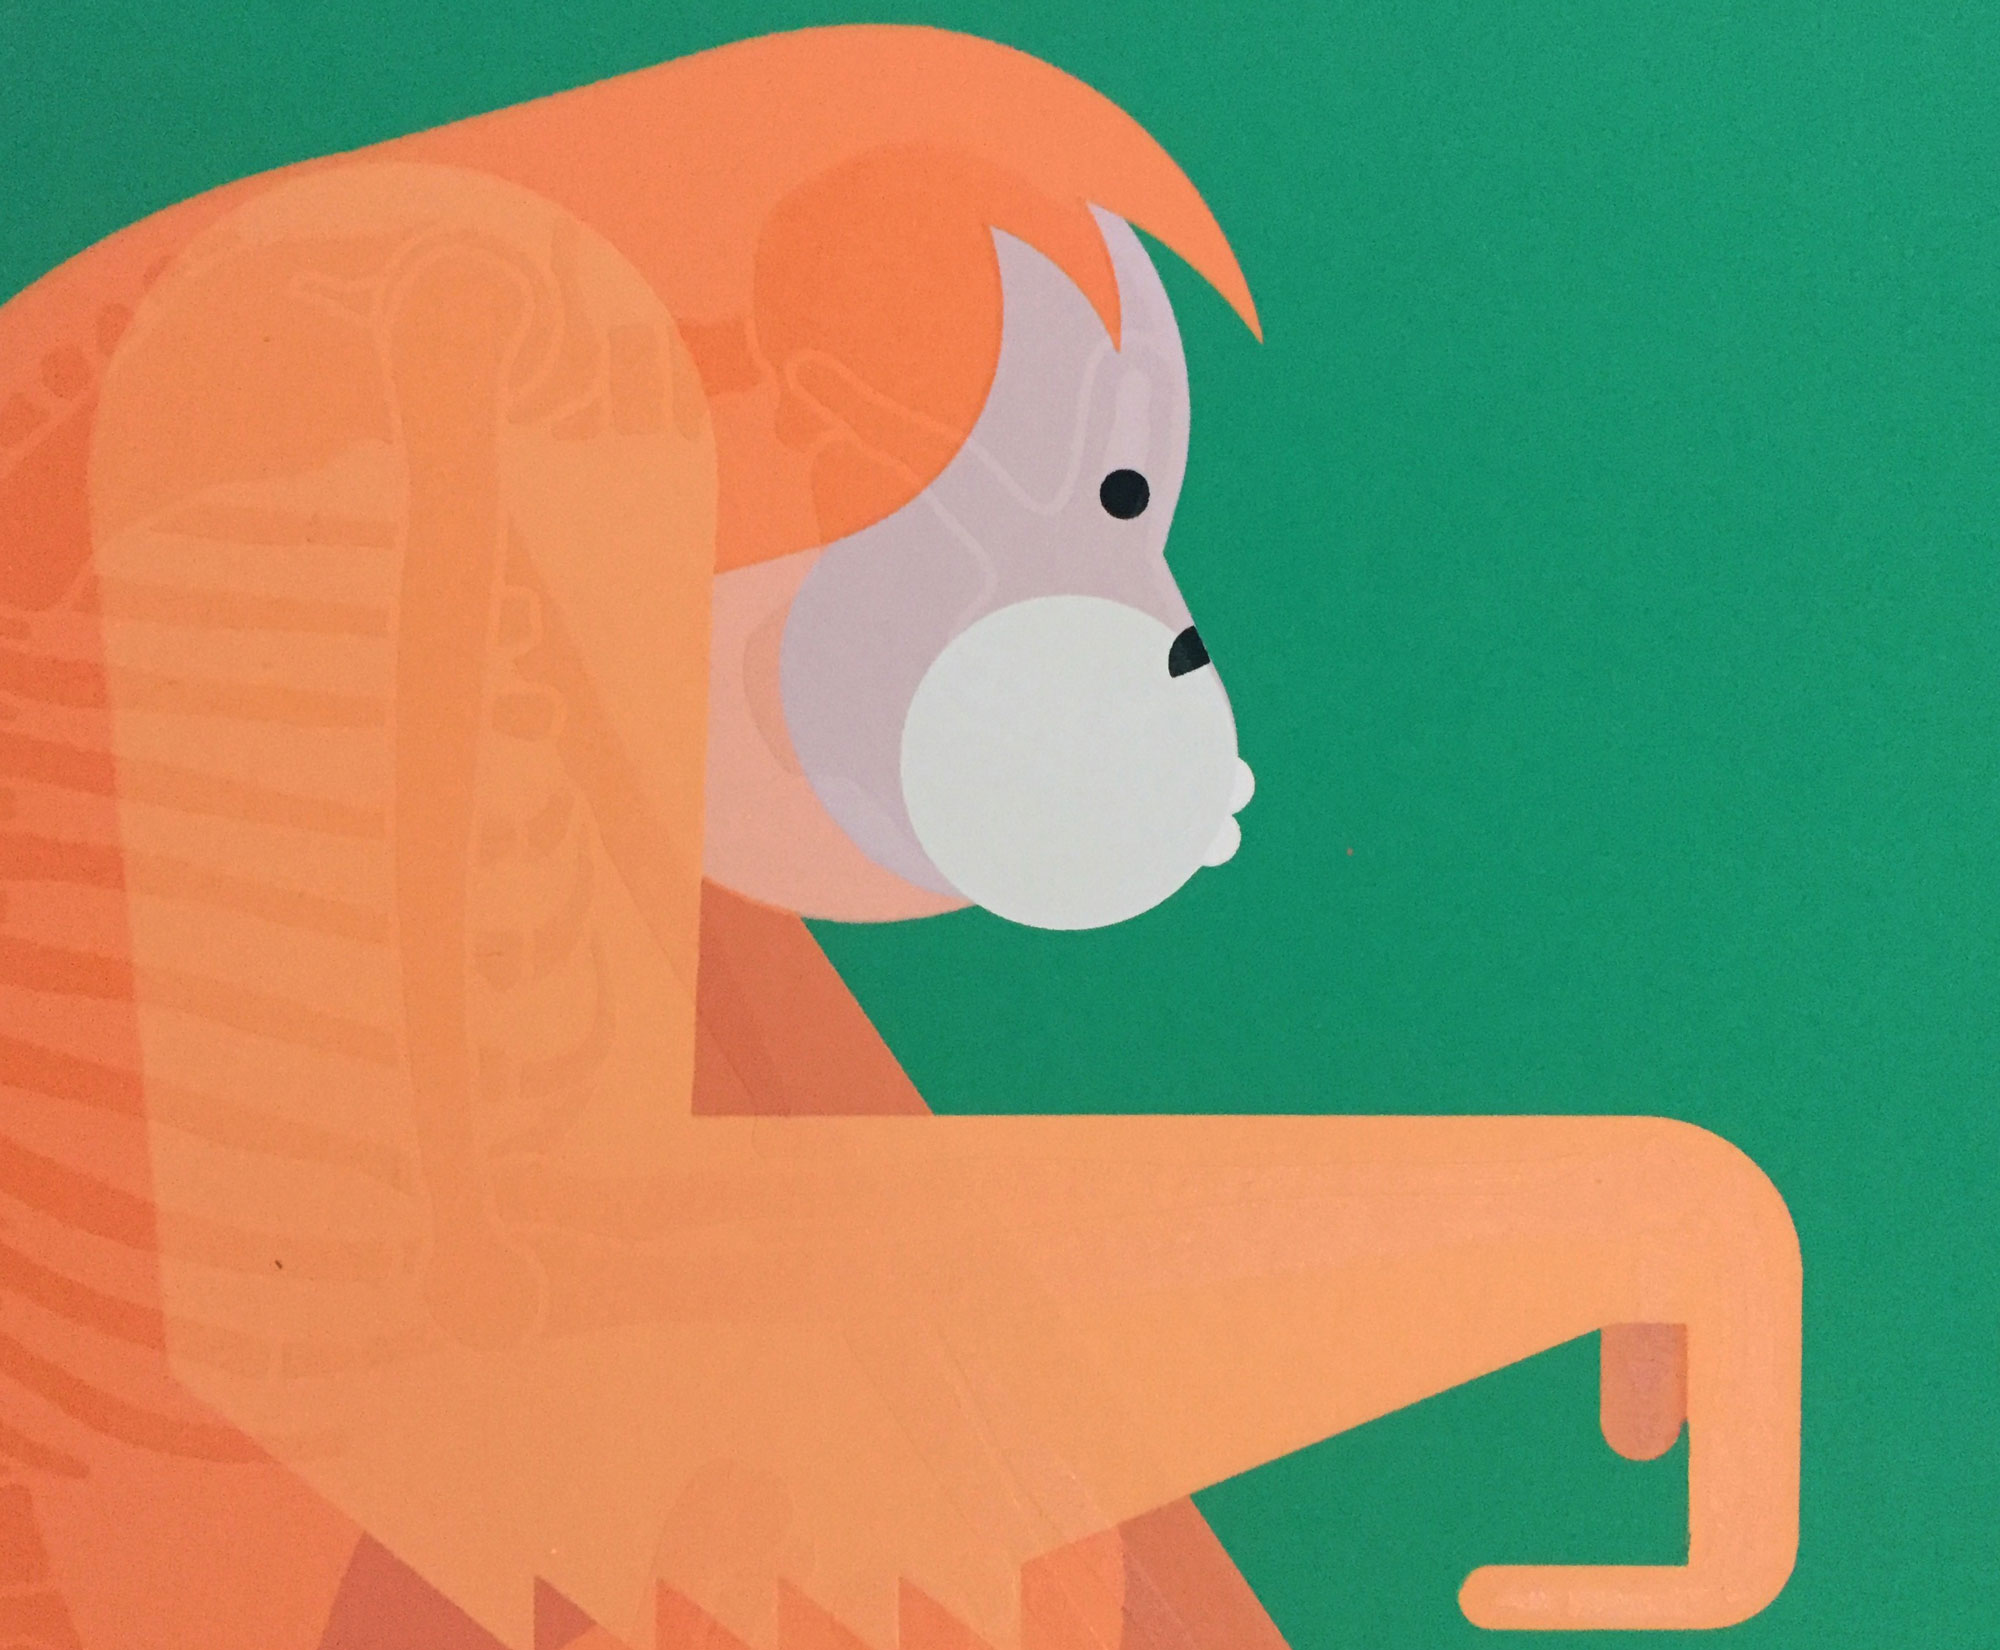 Orangutan-Crop.jpg